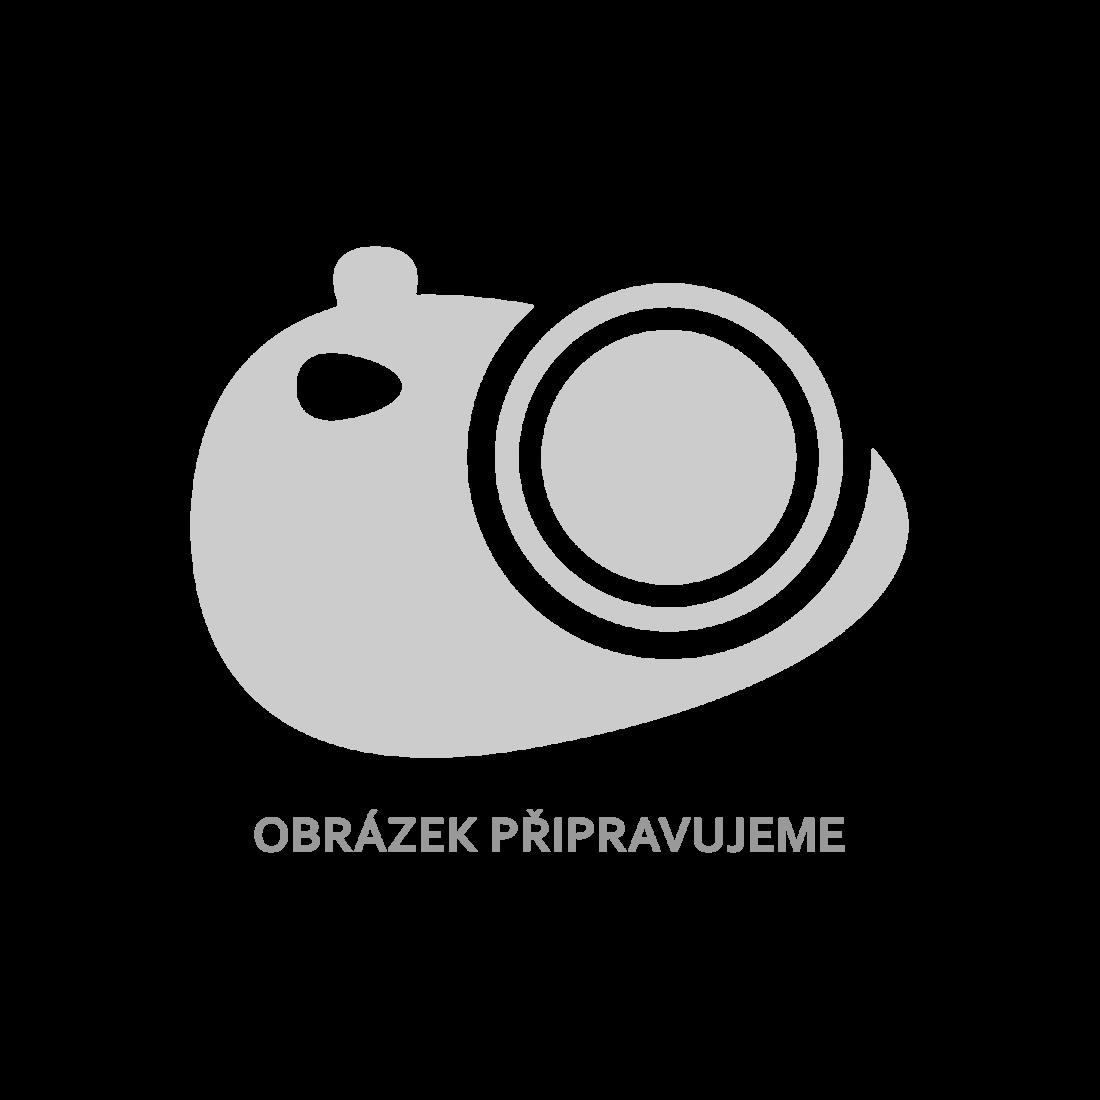 Truhlík 100 x 50 x 40 cm dřevo obdélníkový